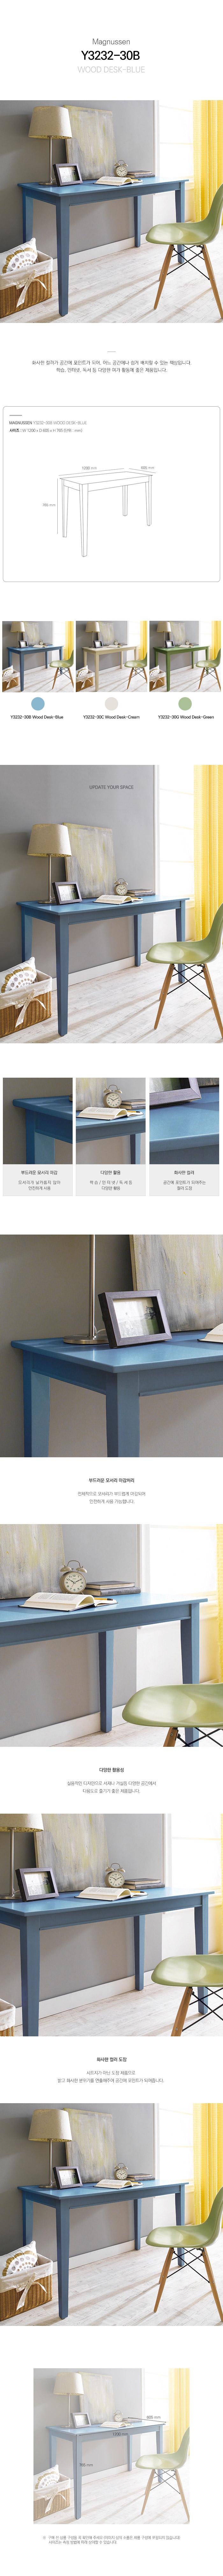 5_1_Y3232-30B_blue_wood_desk.jpg